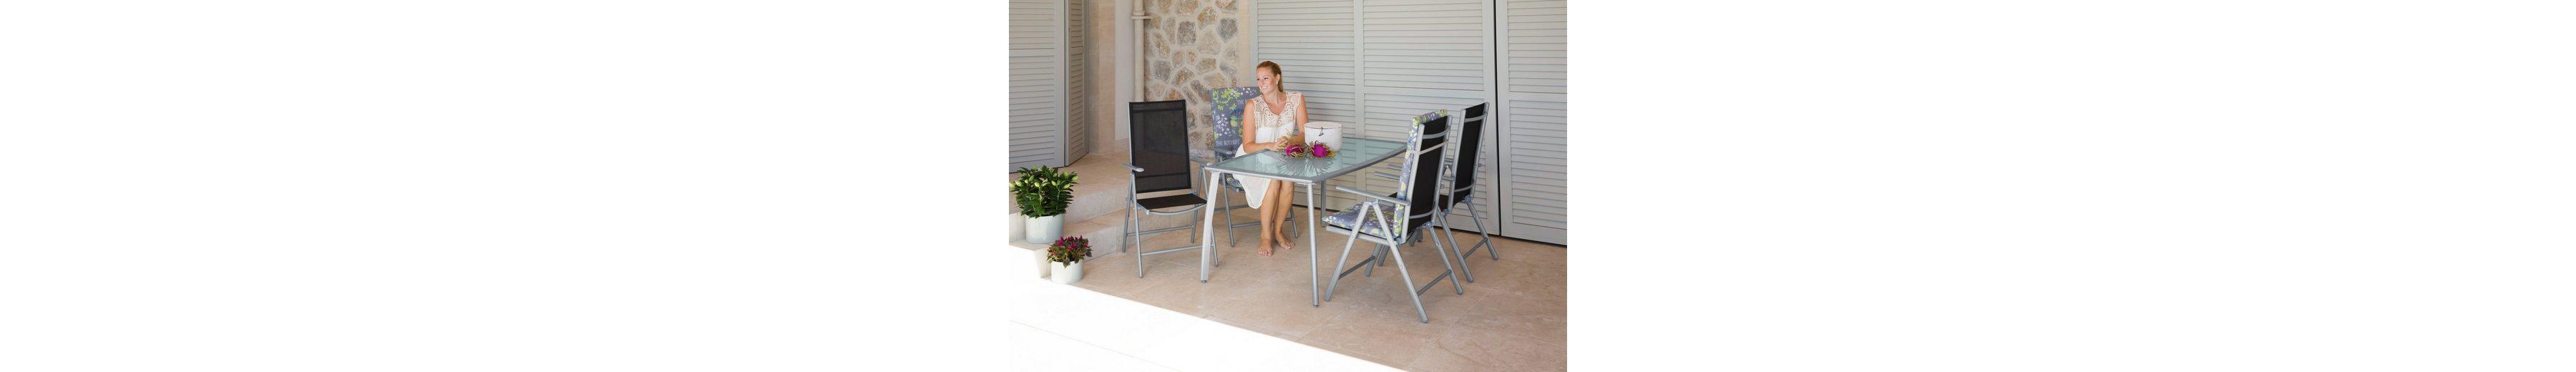 5-tgl. Gartenmöbelset »Lima«, 4 Hochlehner, Tisch 150x90 cm,Alu/Textil, schwarz